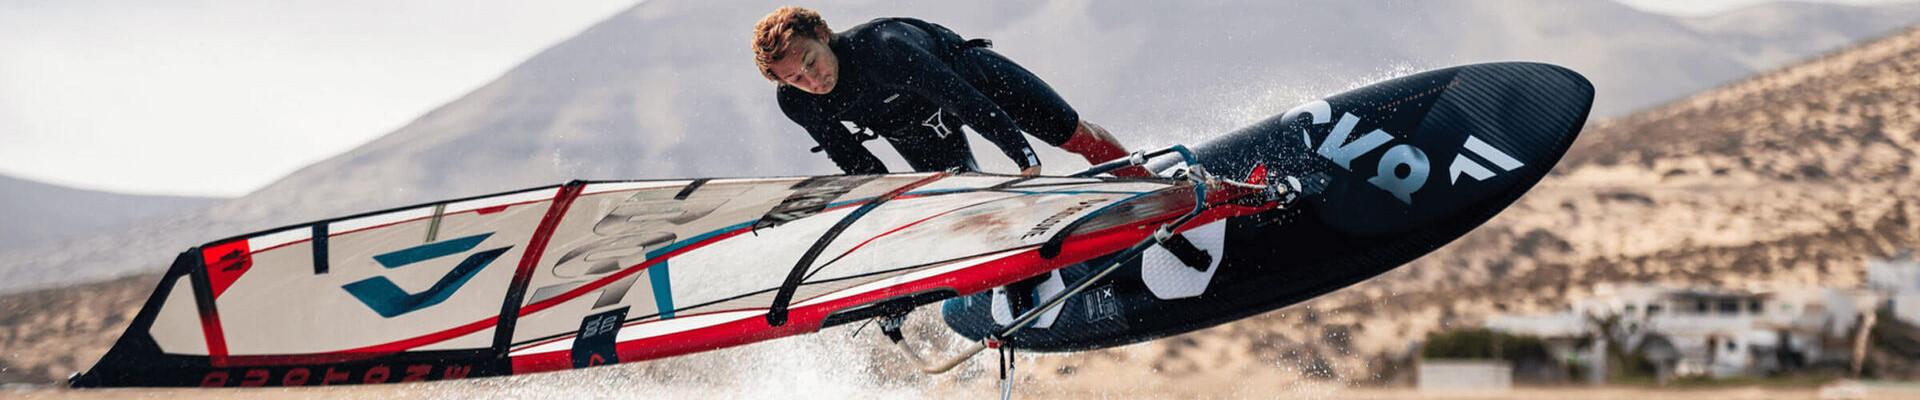 Windsurf | Livraison gratuite dès 100€ d'achats